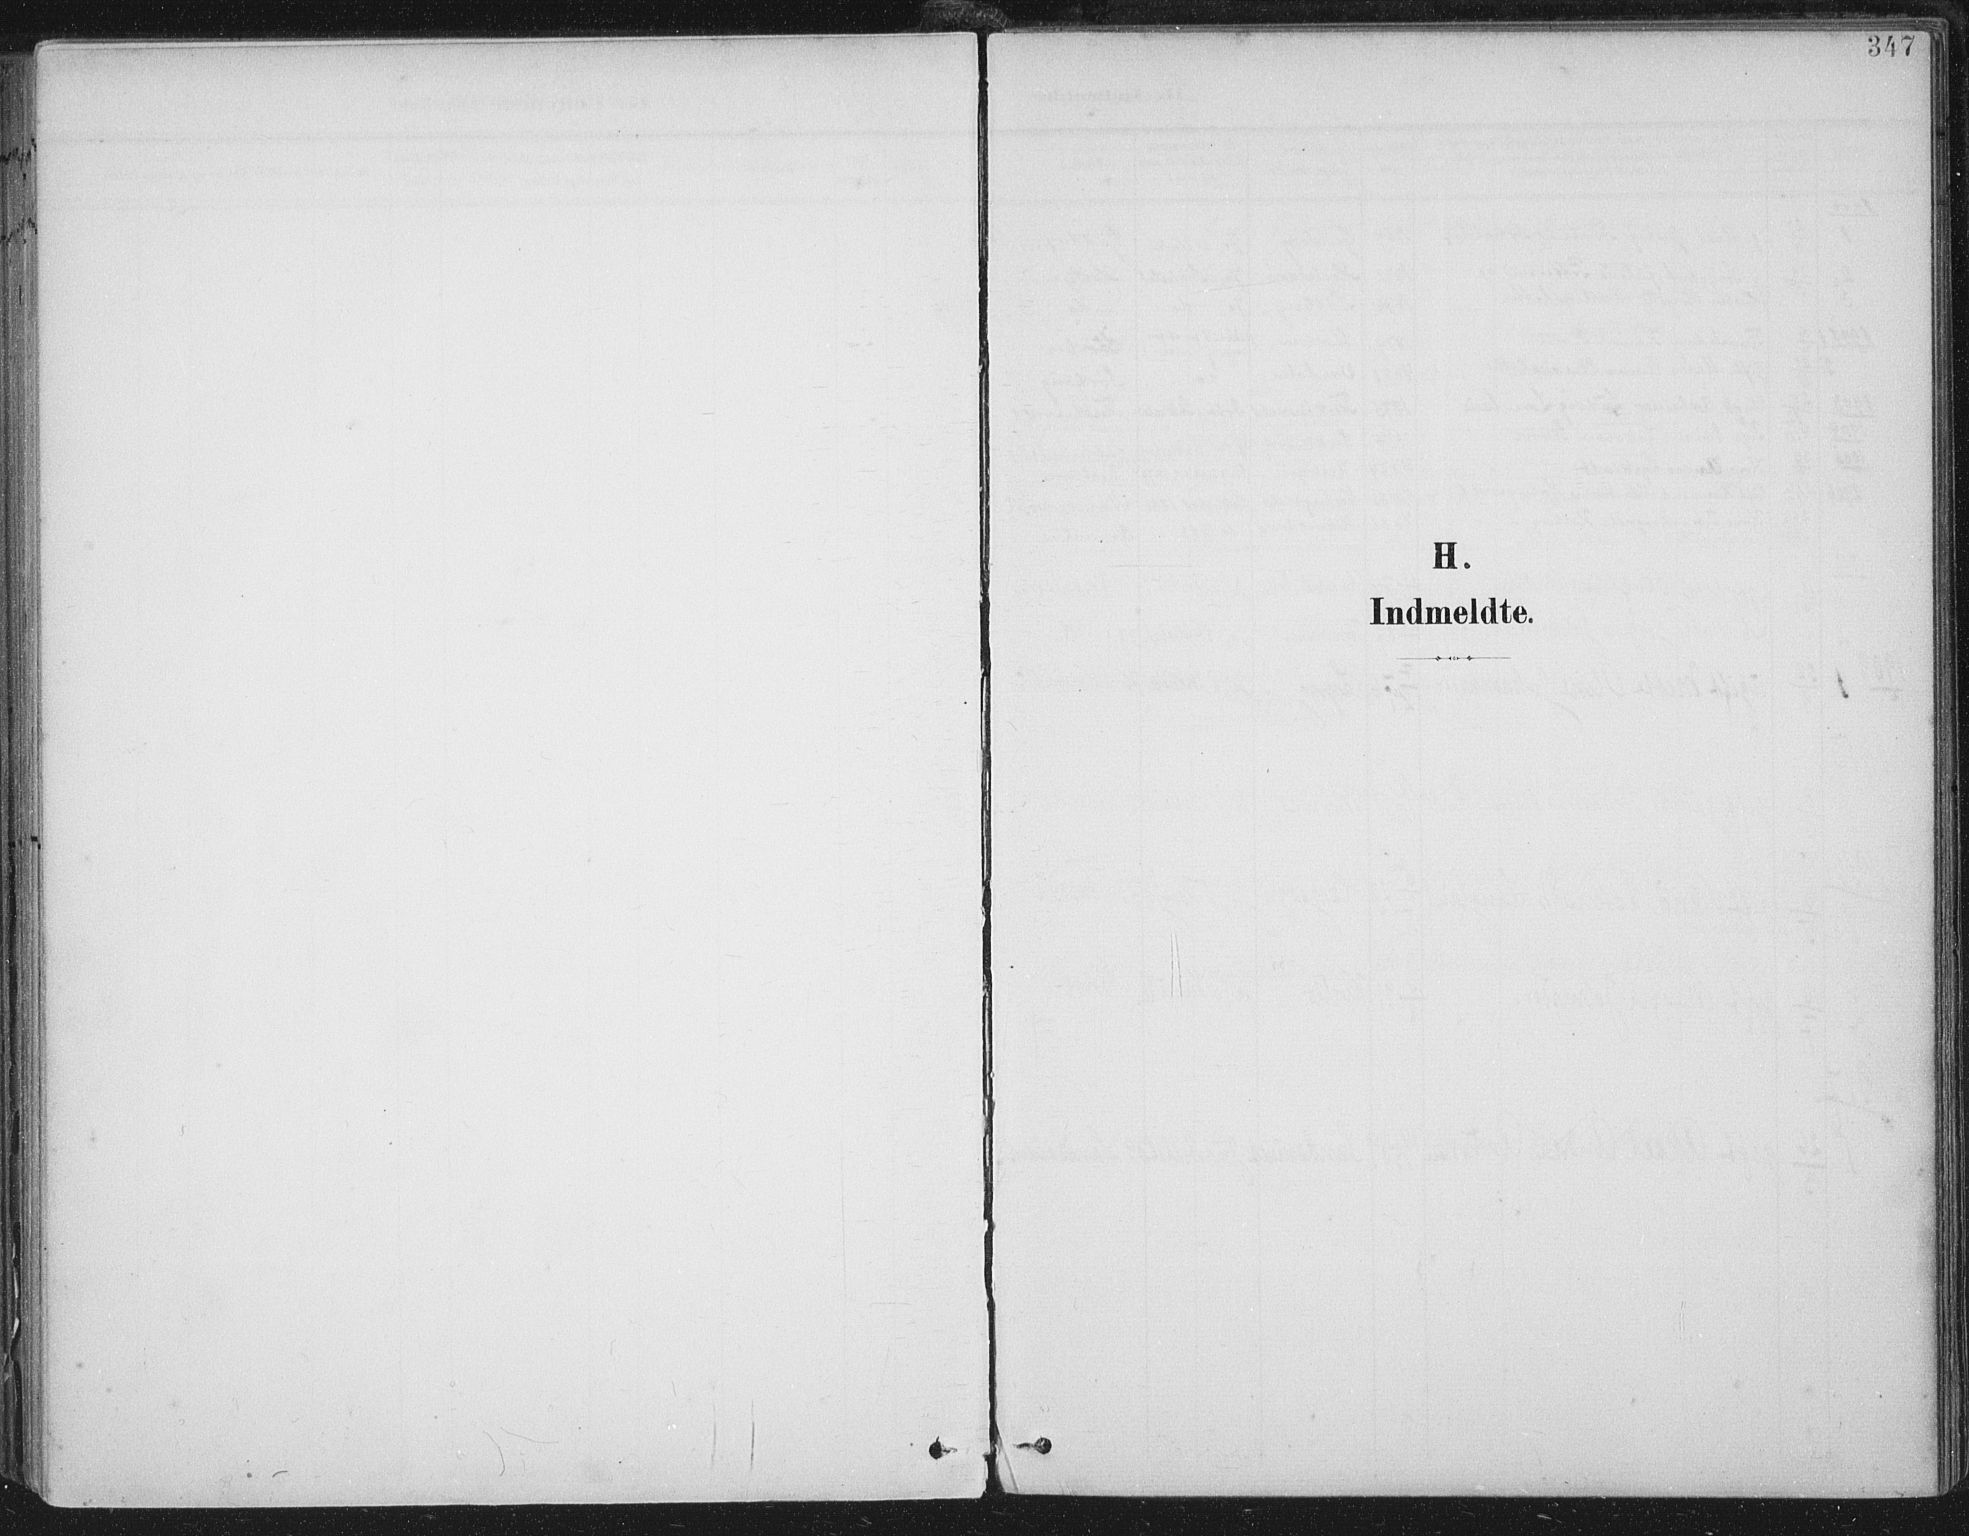 SAT, Ministerialprotokoller, klokkerbøker og fødselsregistre - Nord-Trøndelag, 723/L0246: Ministerialbok nr. 723A15, 1900-1917, s. 347